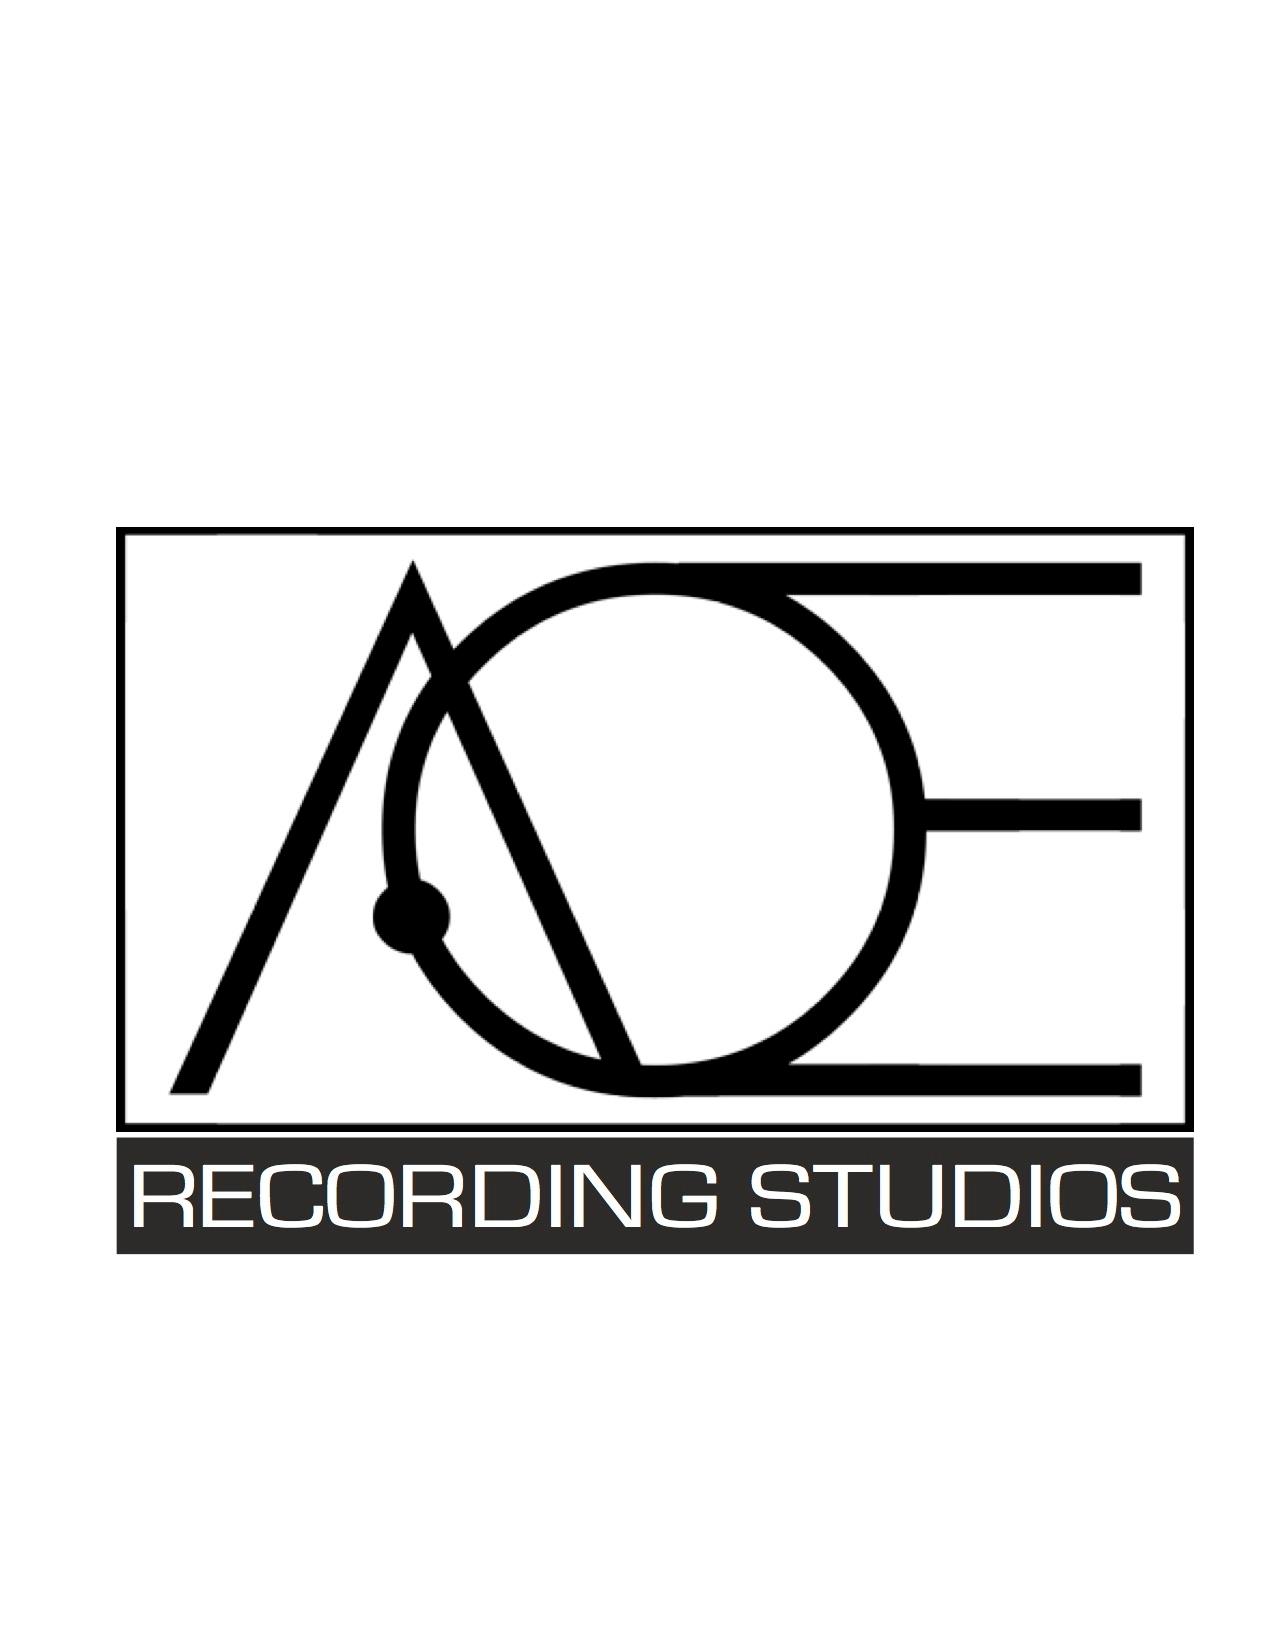 Alpha & Omega Recording Studios